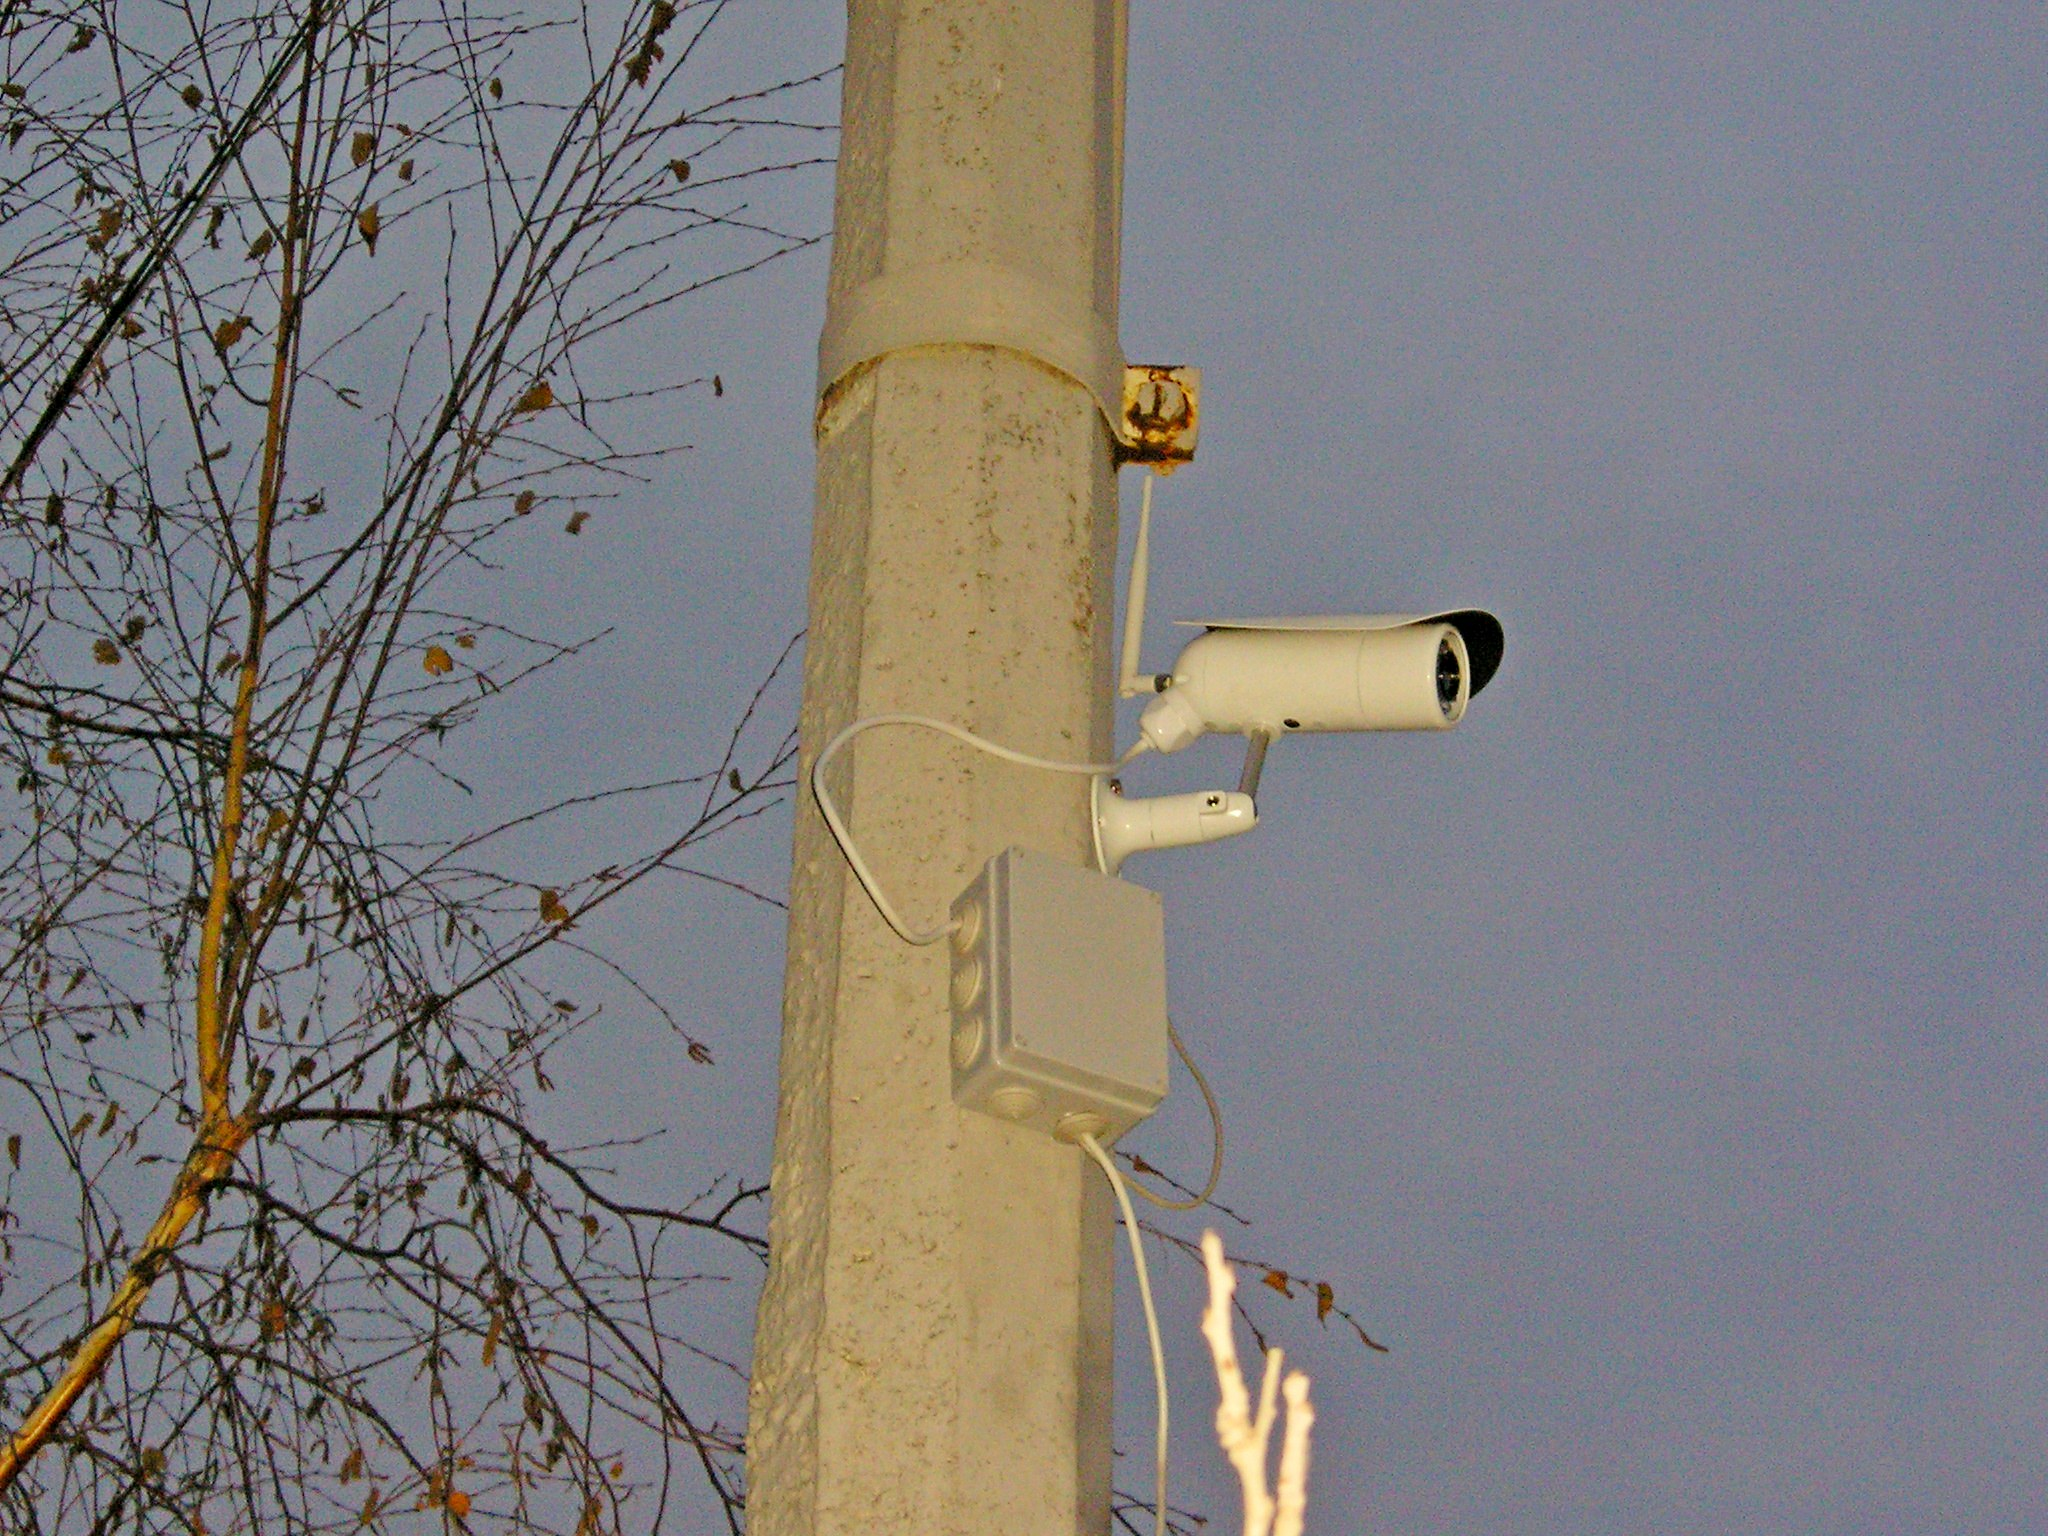 Крепление для камеры видеонаблюдения своими руками